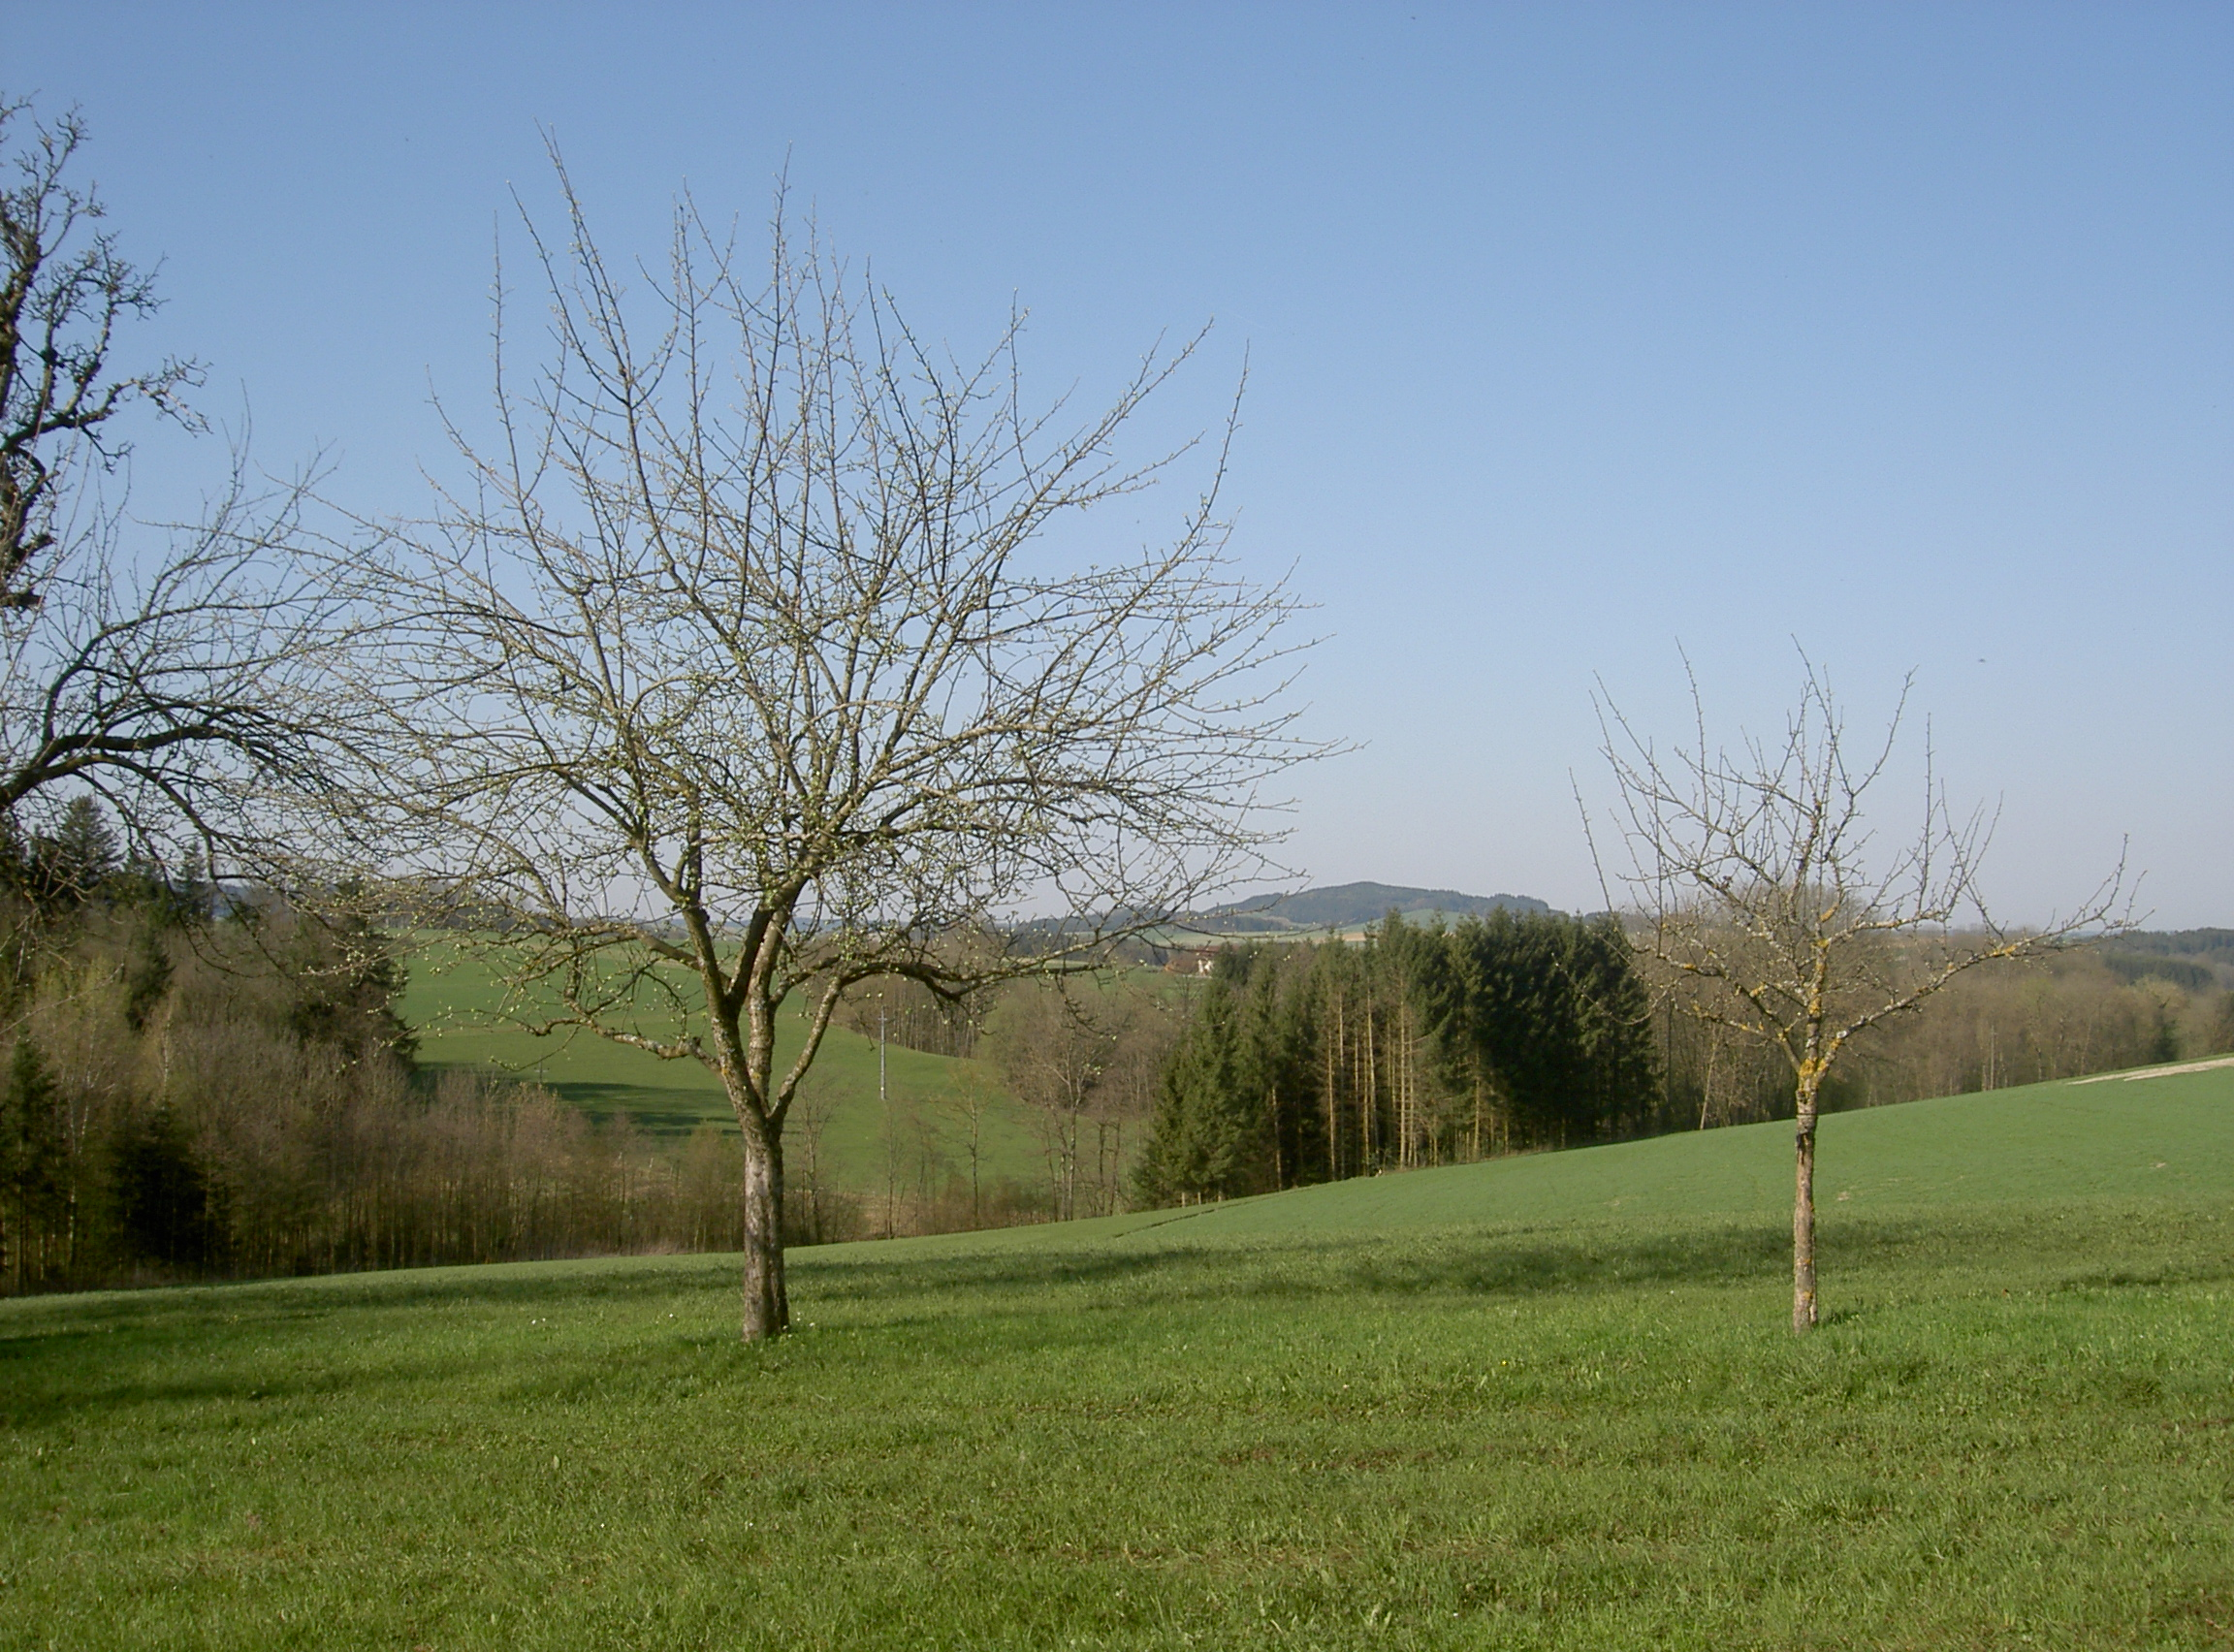 pict0022.jpg